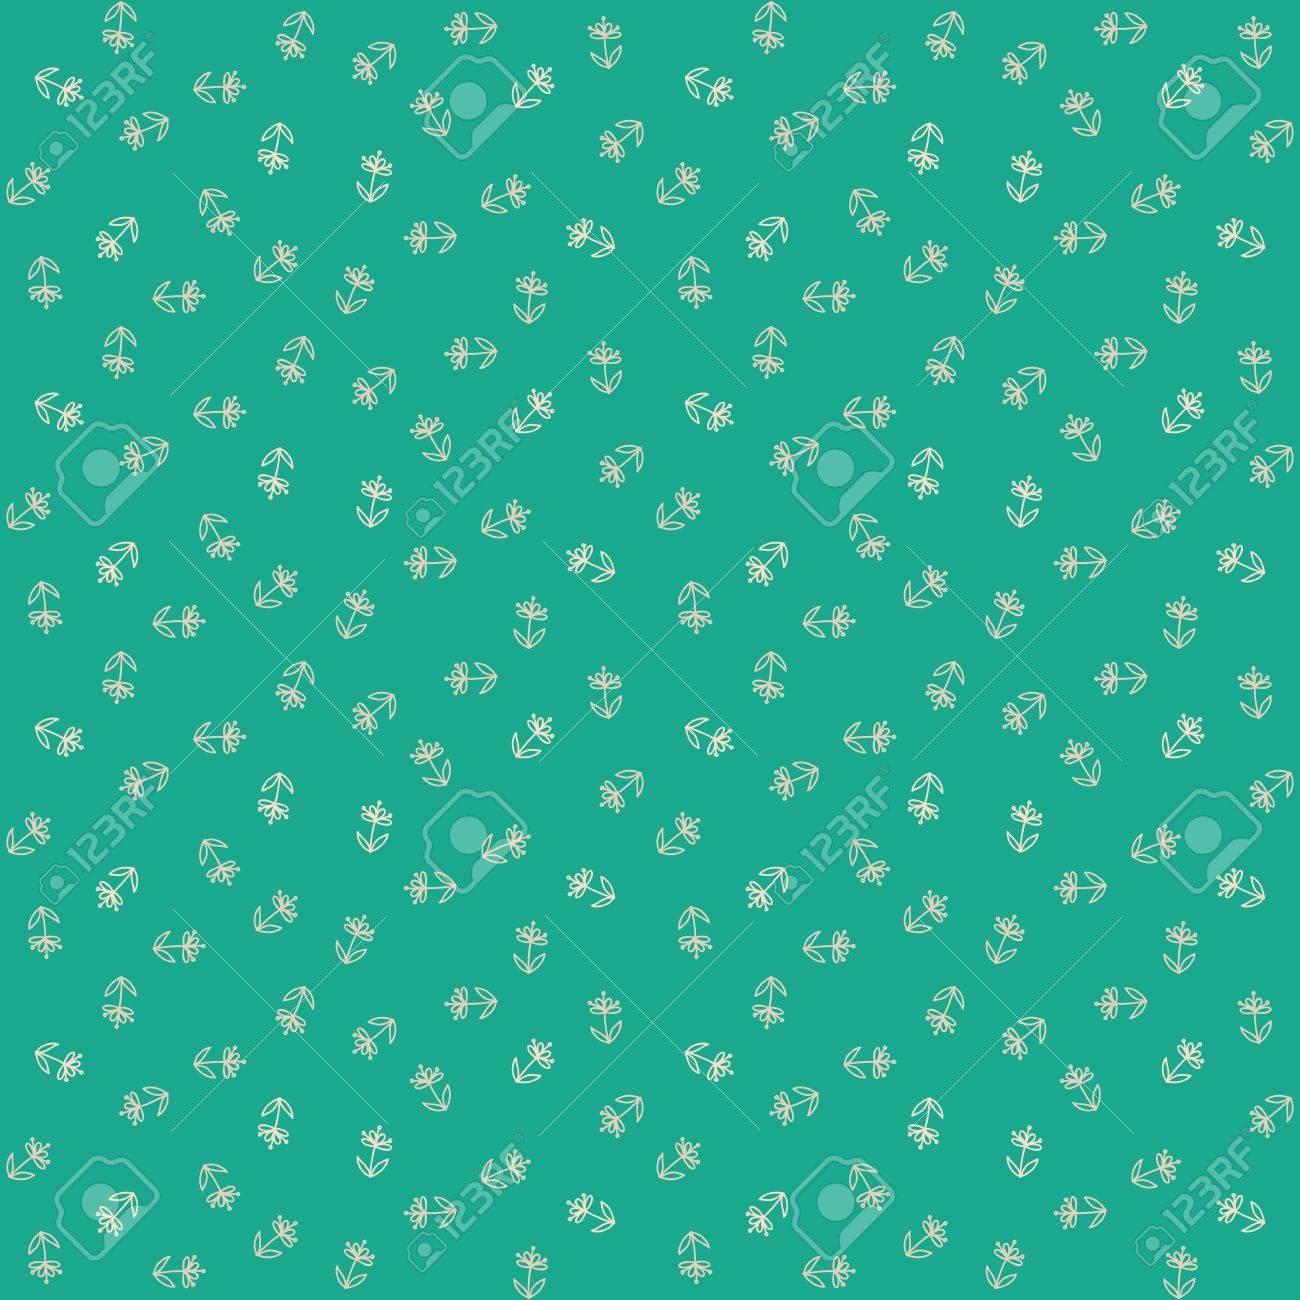 Vecteur Seamless Avec Des Petites Fleurs Blanches Sur Fond Vert